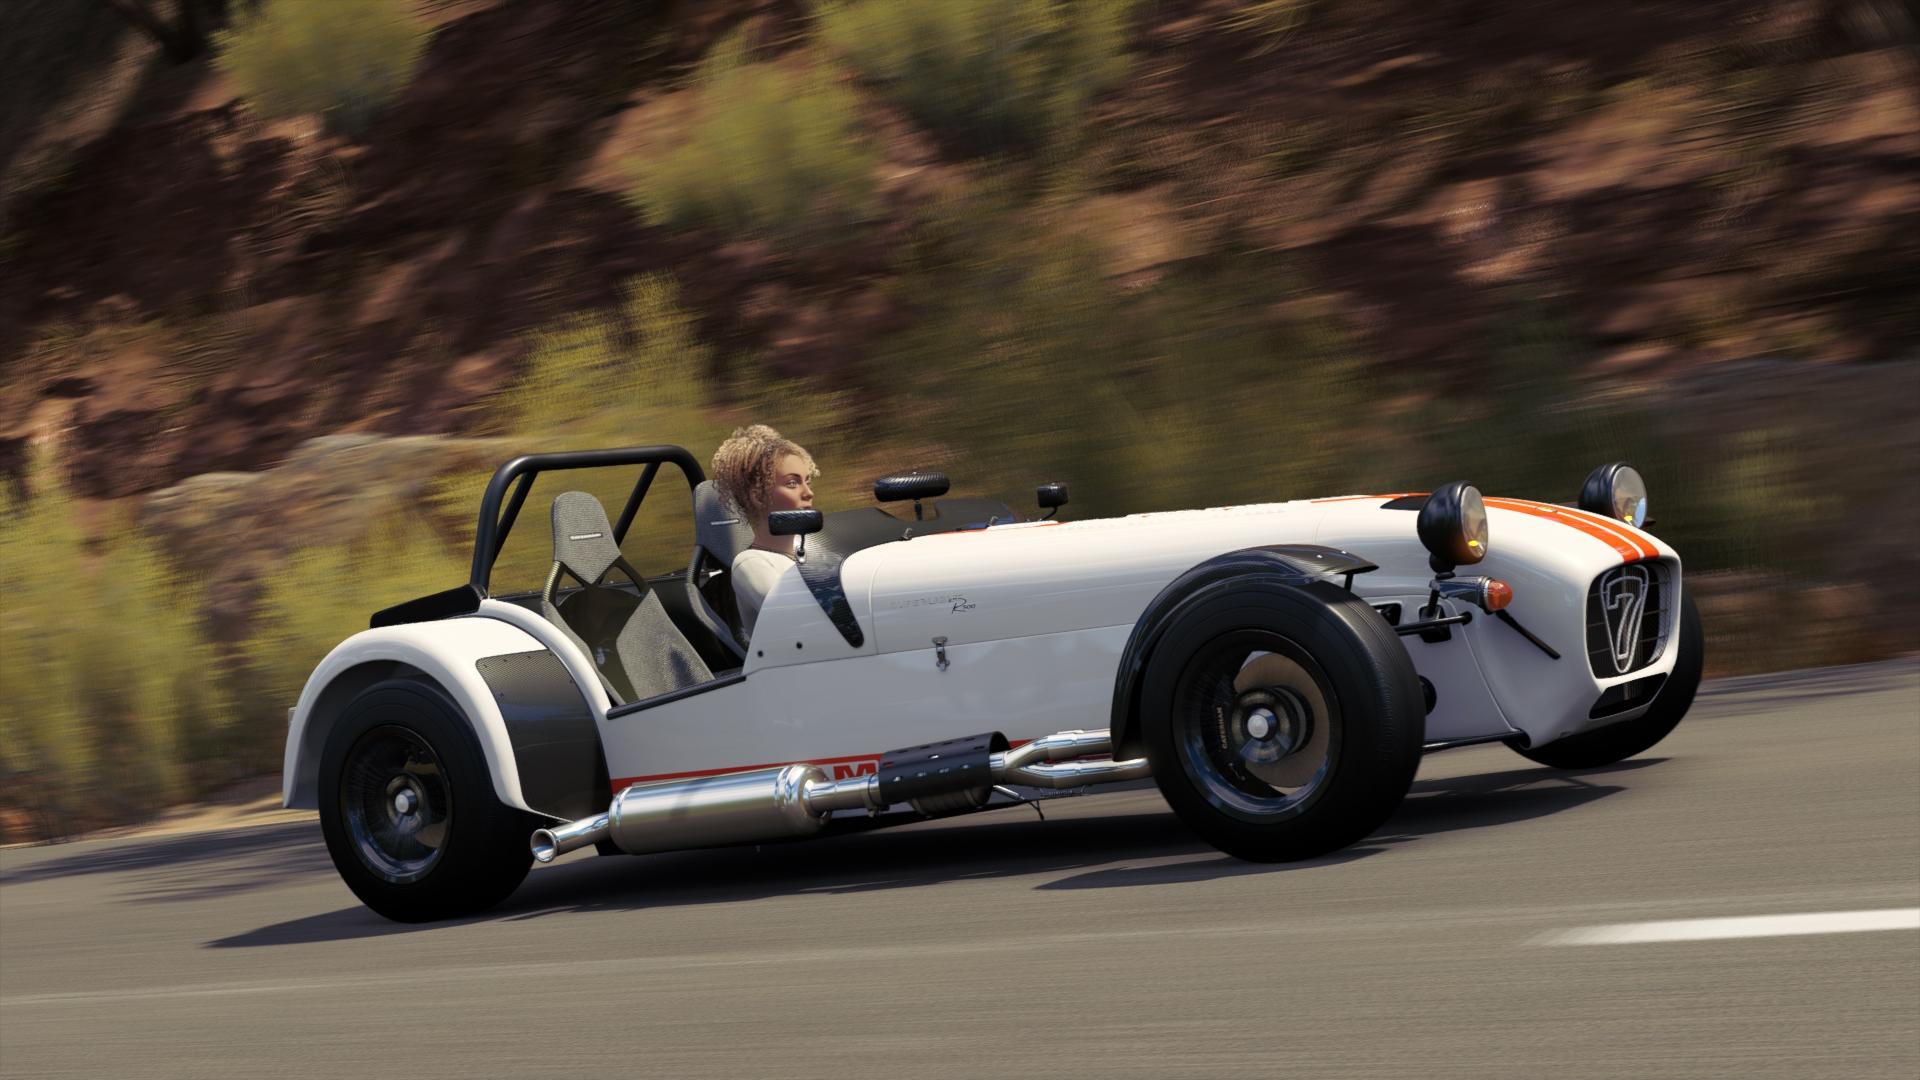 Caterham Superlight R500  Forza Motorsport Wiki  FANDOM powered